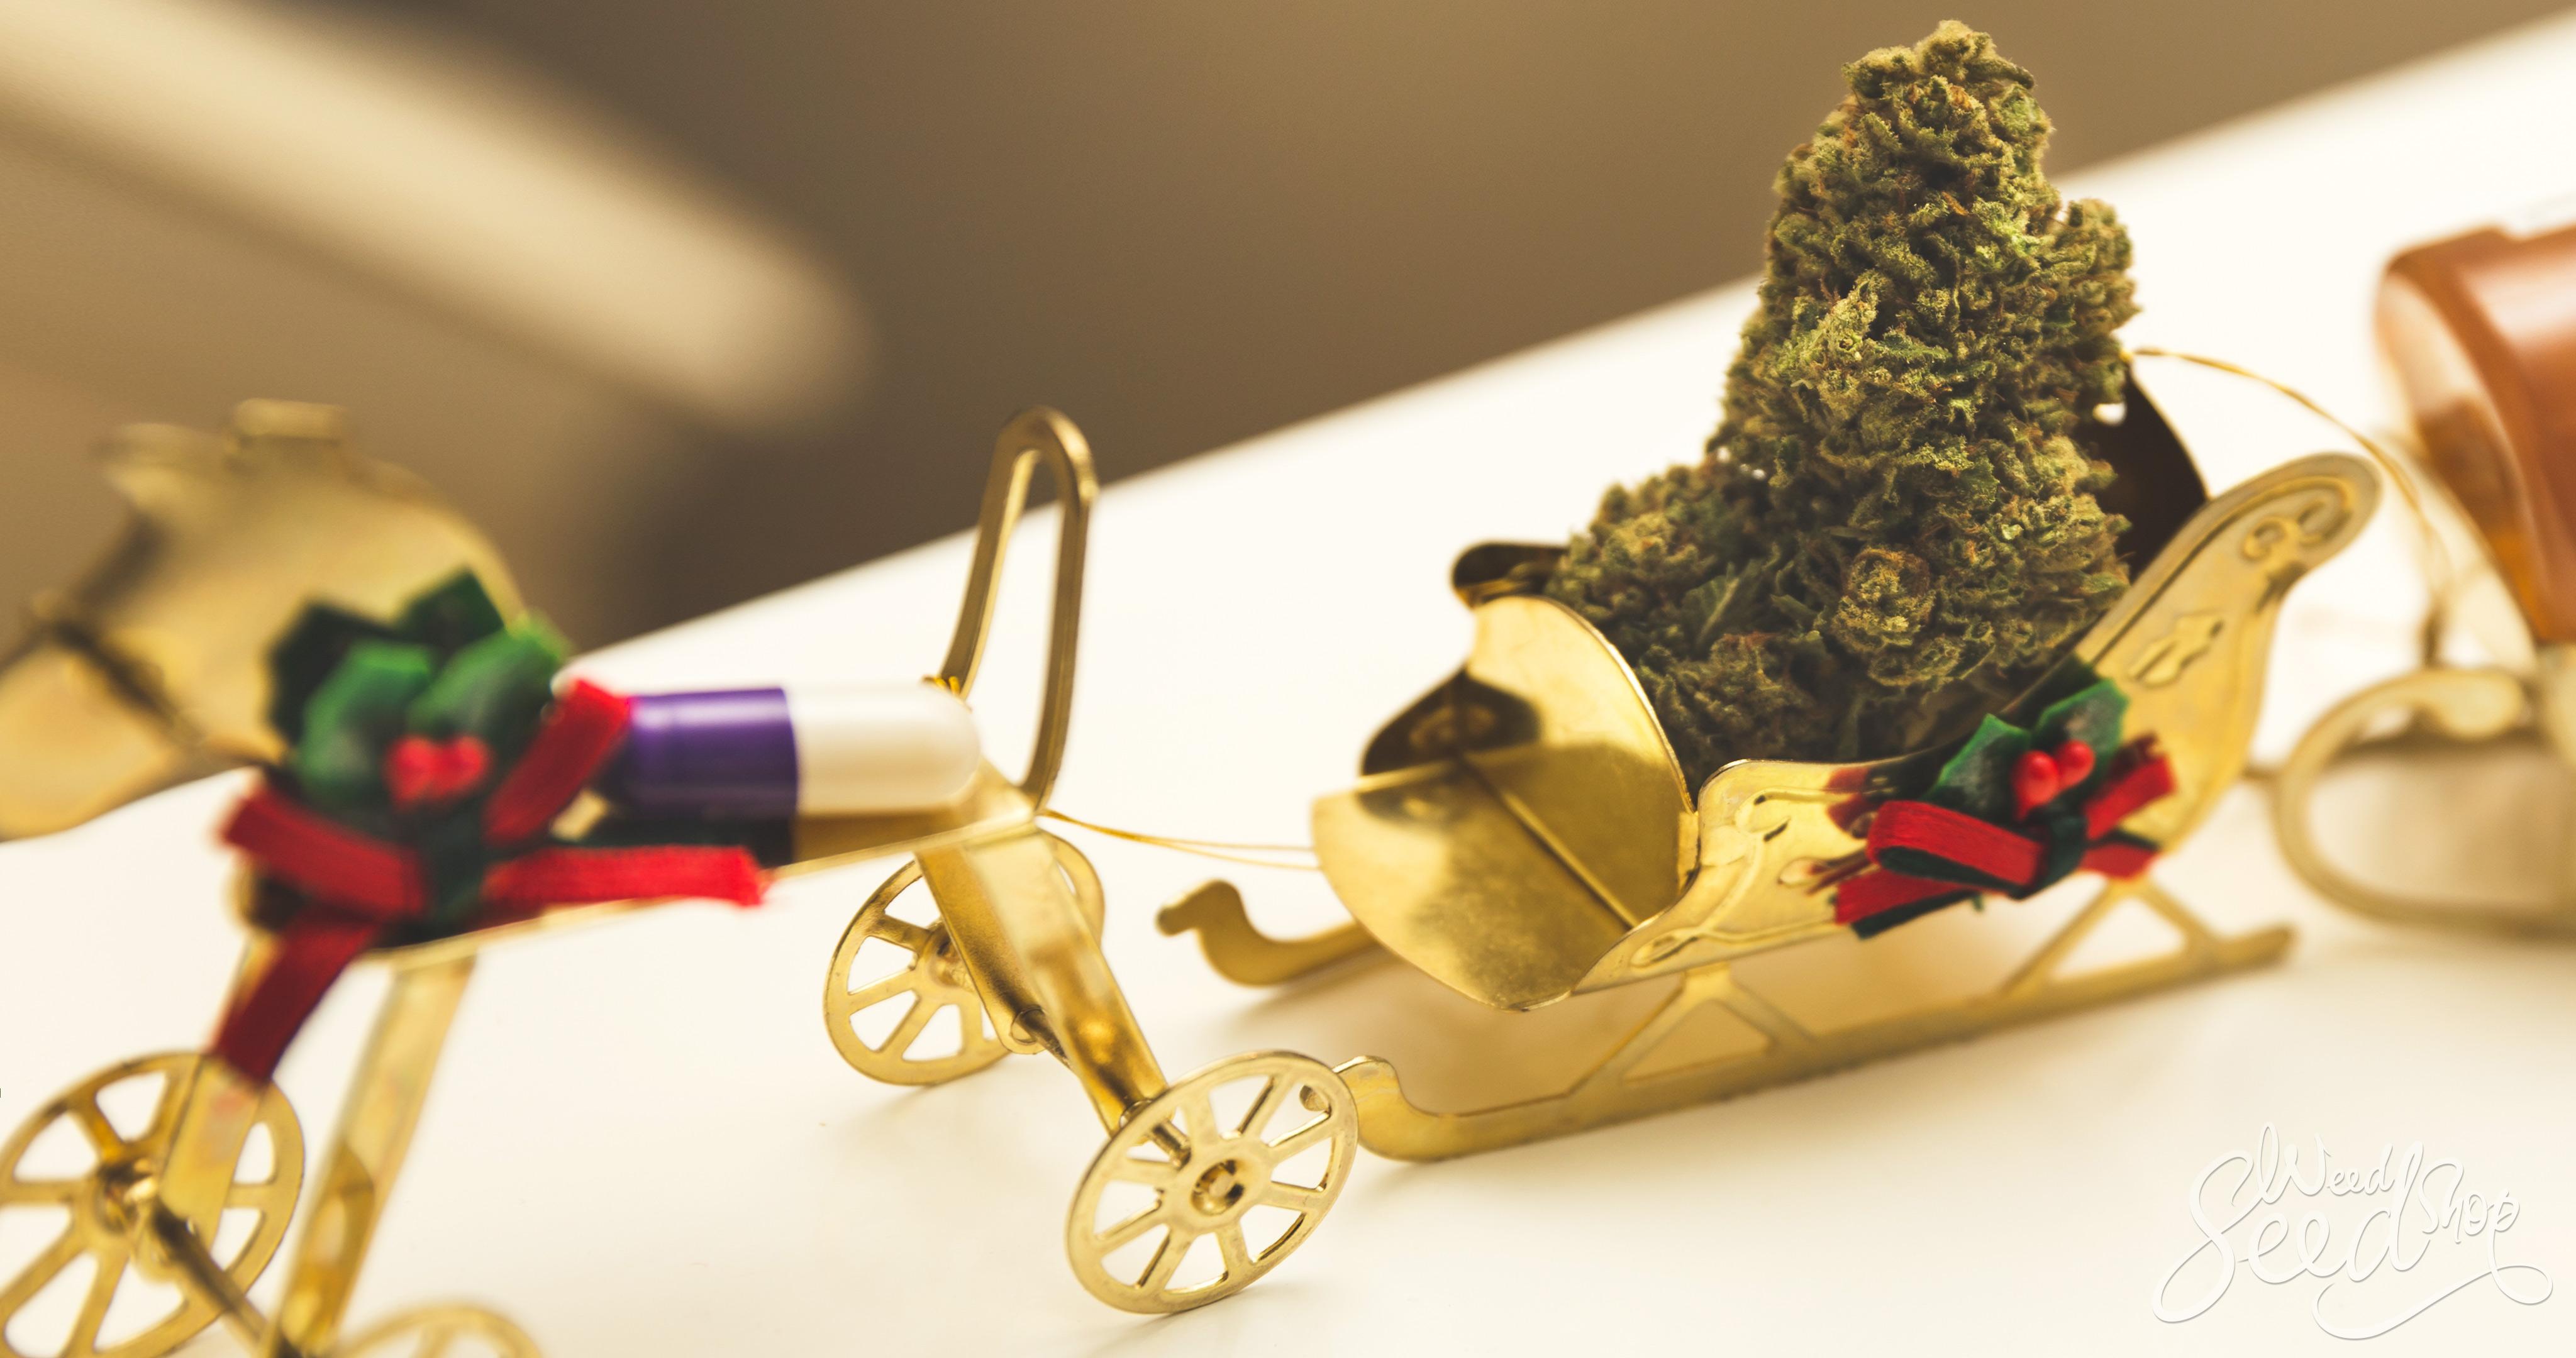 8 Kerstcadeaus Waar Blowers Van Houden! - WeedSeedShop